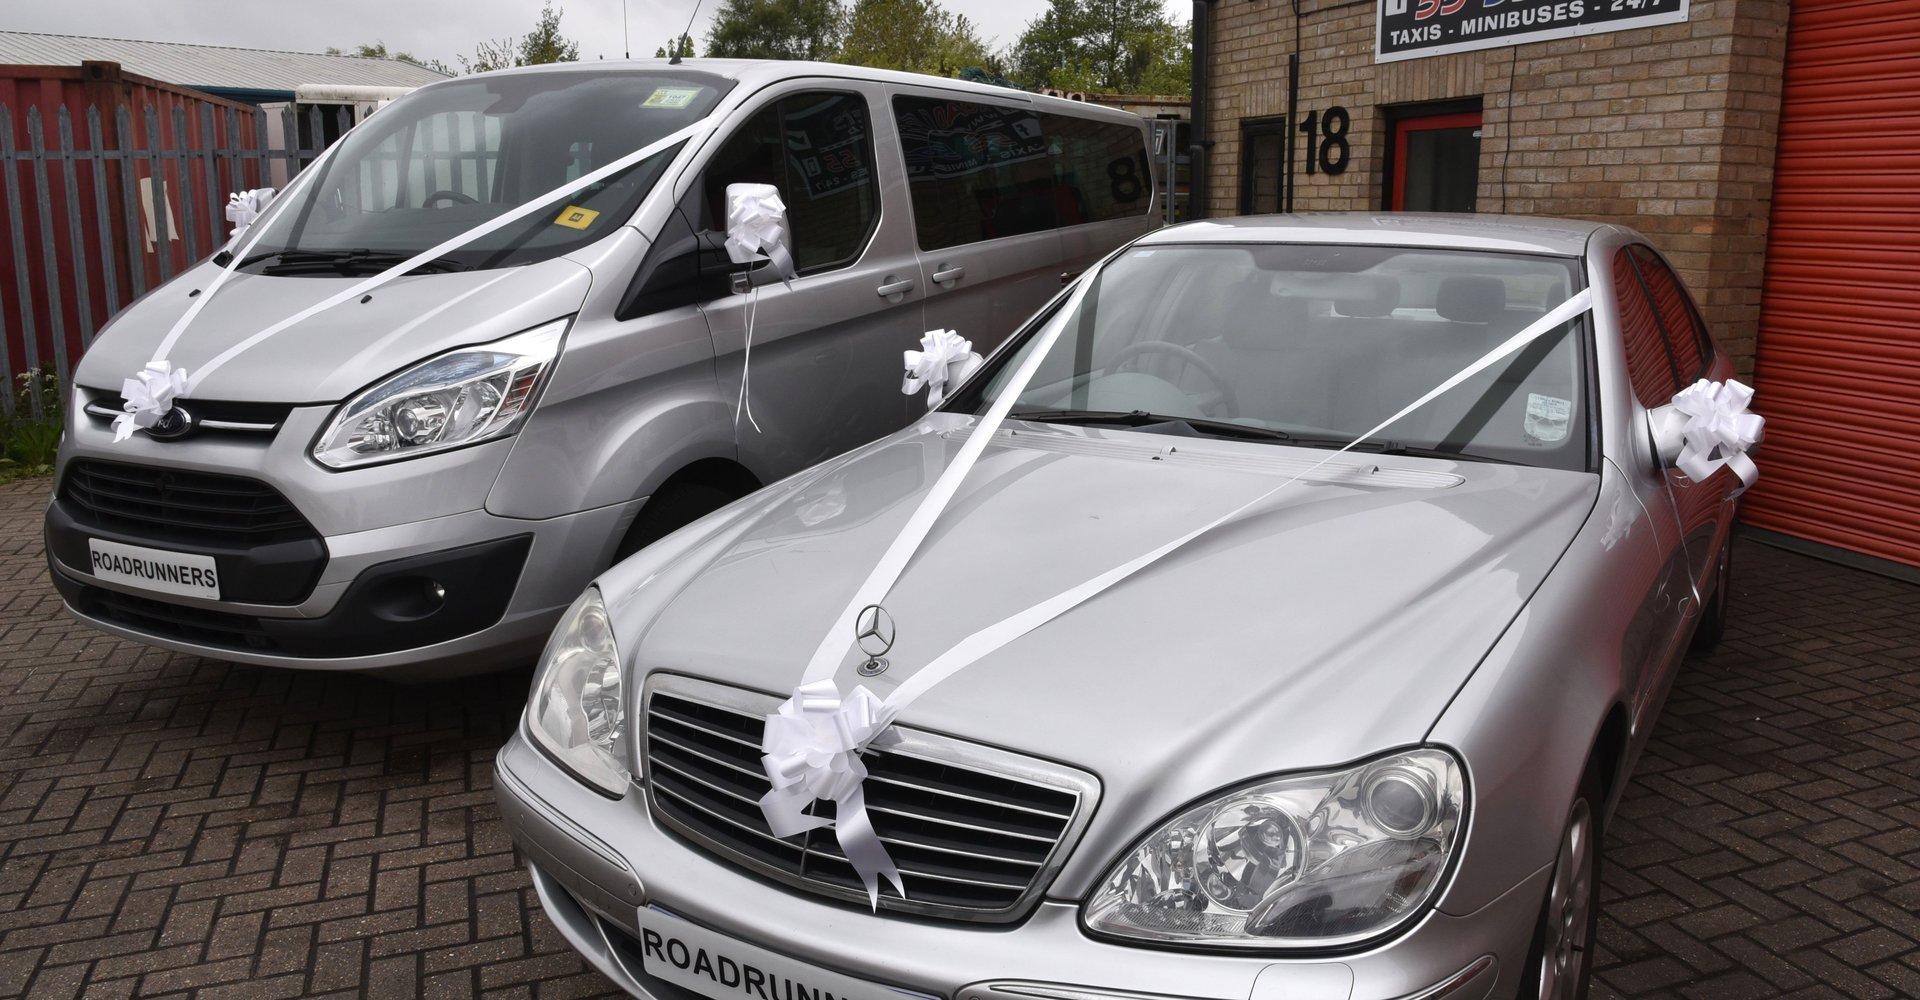 Car Hire In Lowestoft Uk